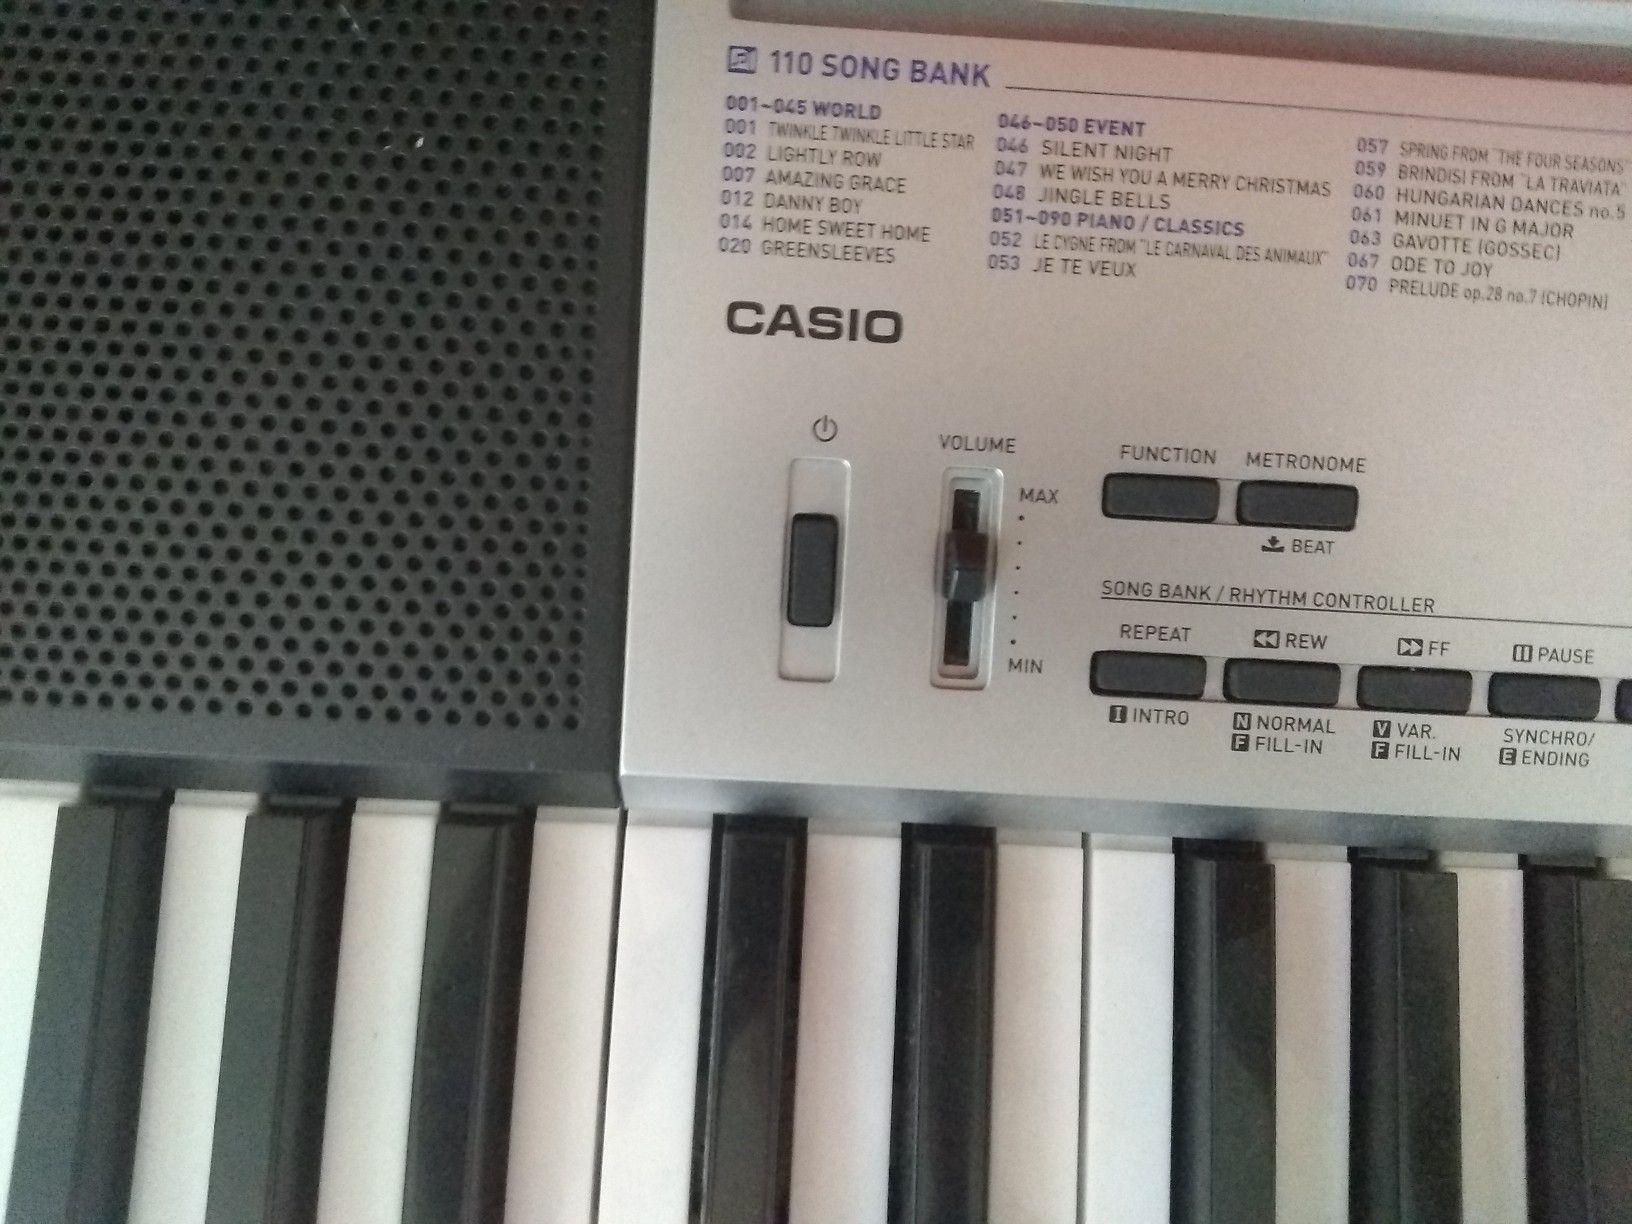 Casio key board